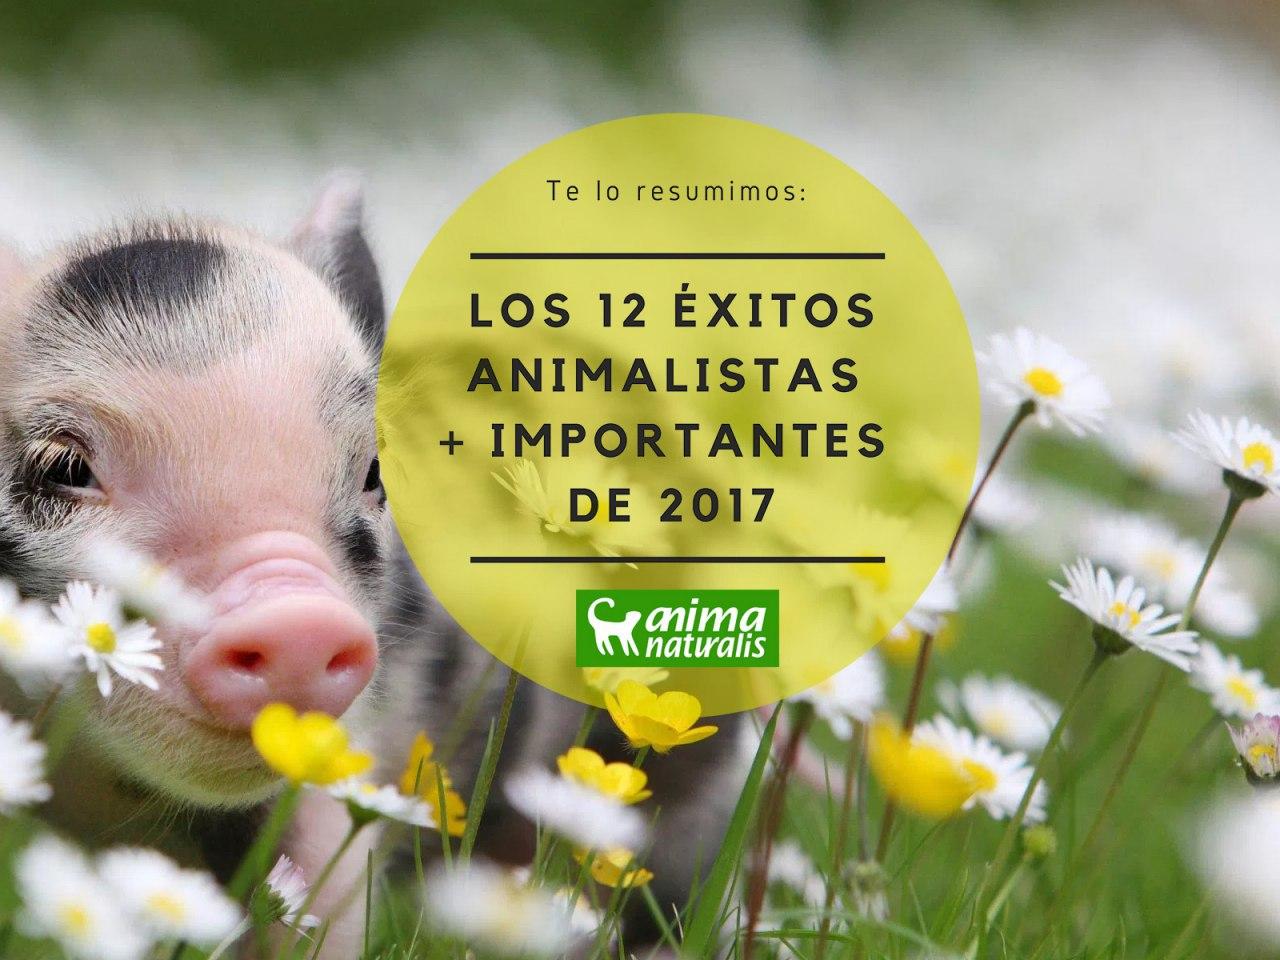 12 éxitos animalistas más importantes de 2017